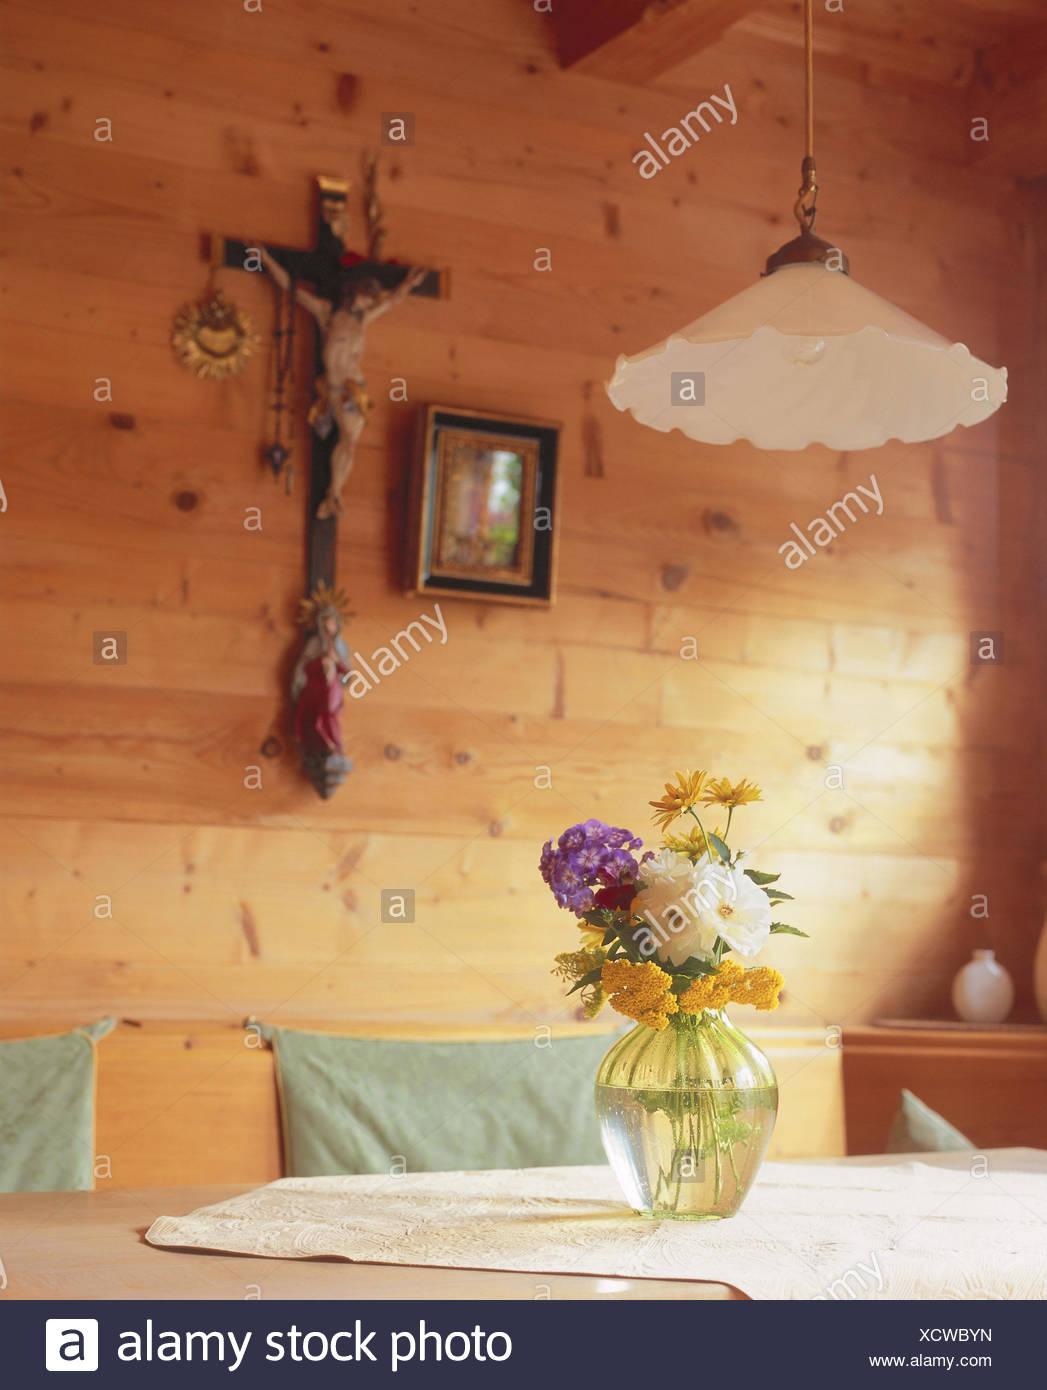 Wohnraum, Detail, Tabelle, Blumenvase, Zimmer, Bauernstube, Küche,  Wohnraum, Essecke, Eckbank, Esstisch, Holz St. Möbel, St. Möbel, Wand,  Wandbelag, ...